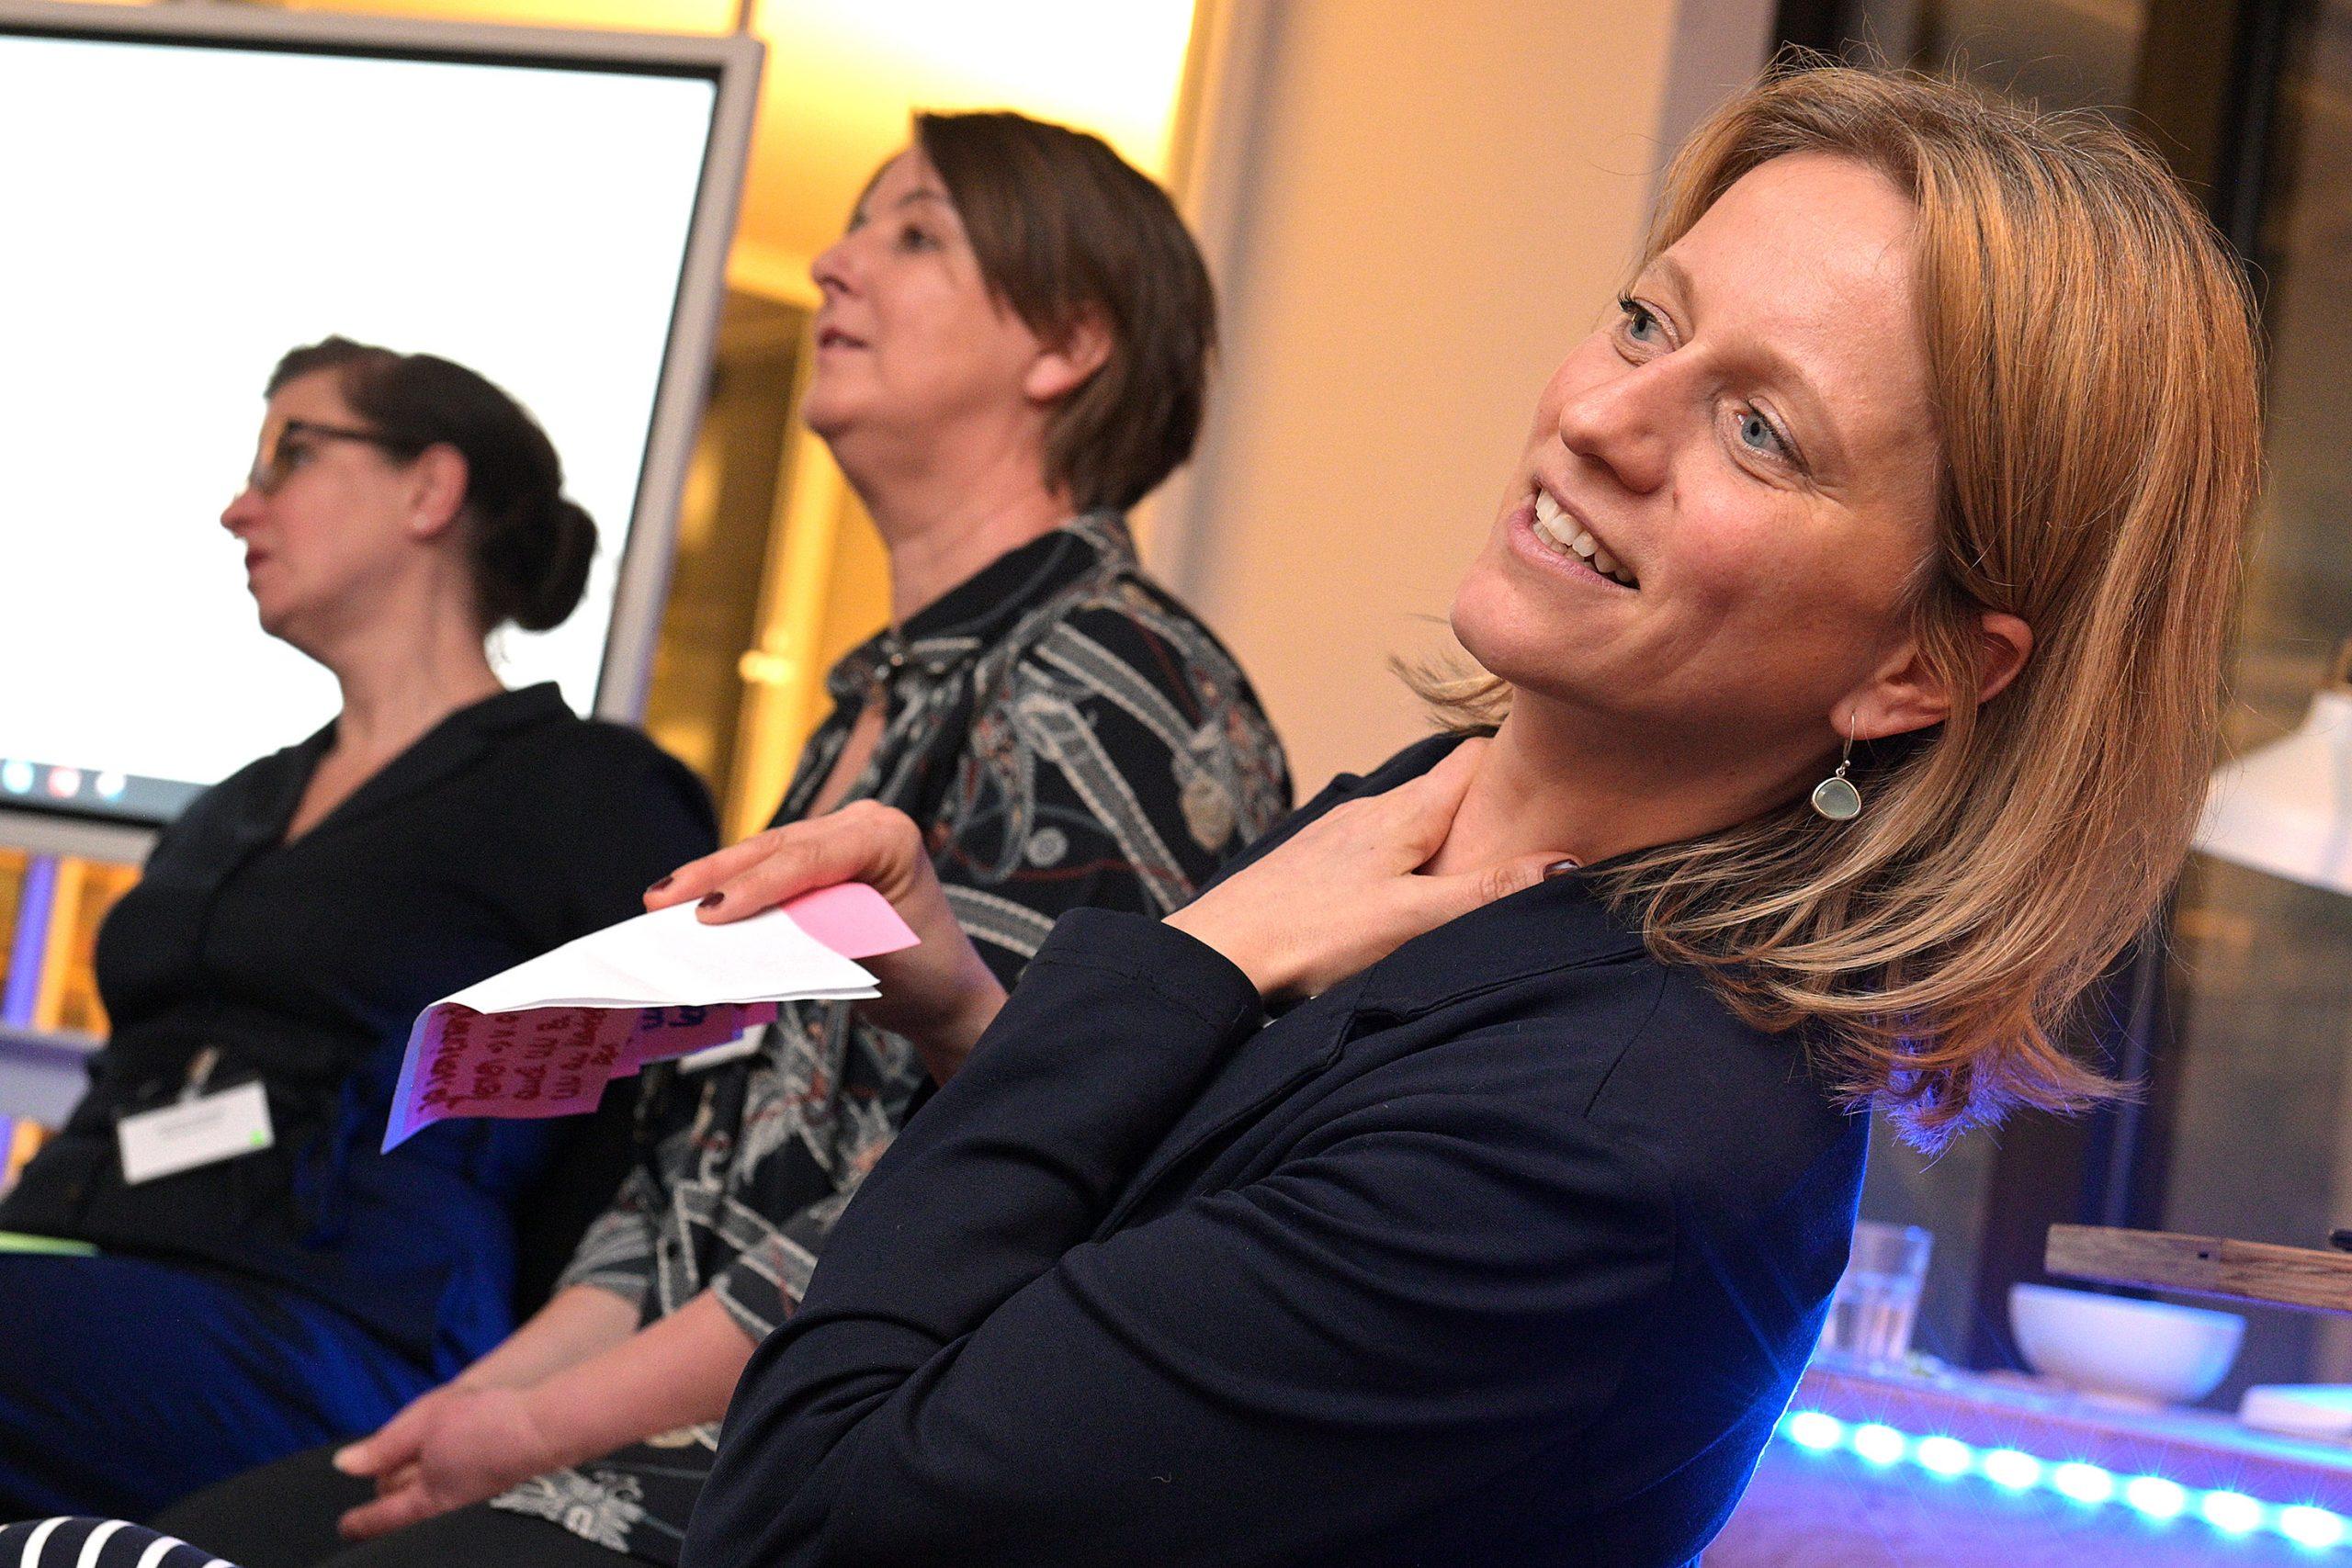 Drei Frauen verfolgen aufmerksam eine Präsentation